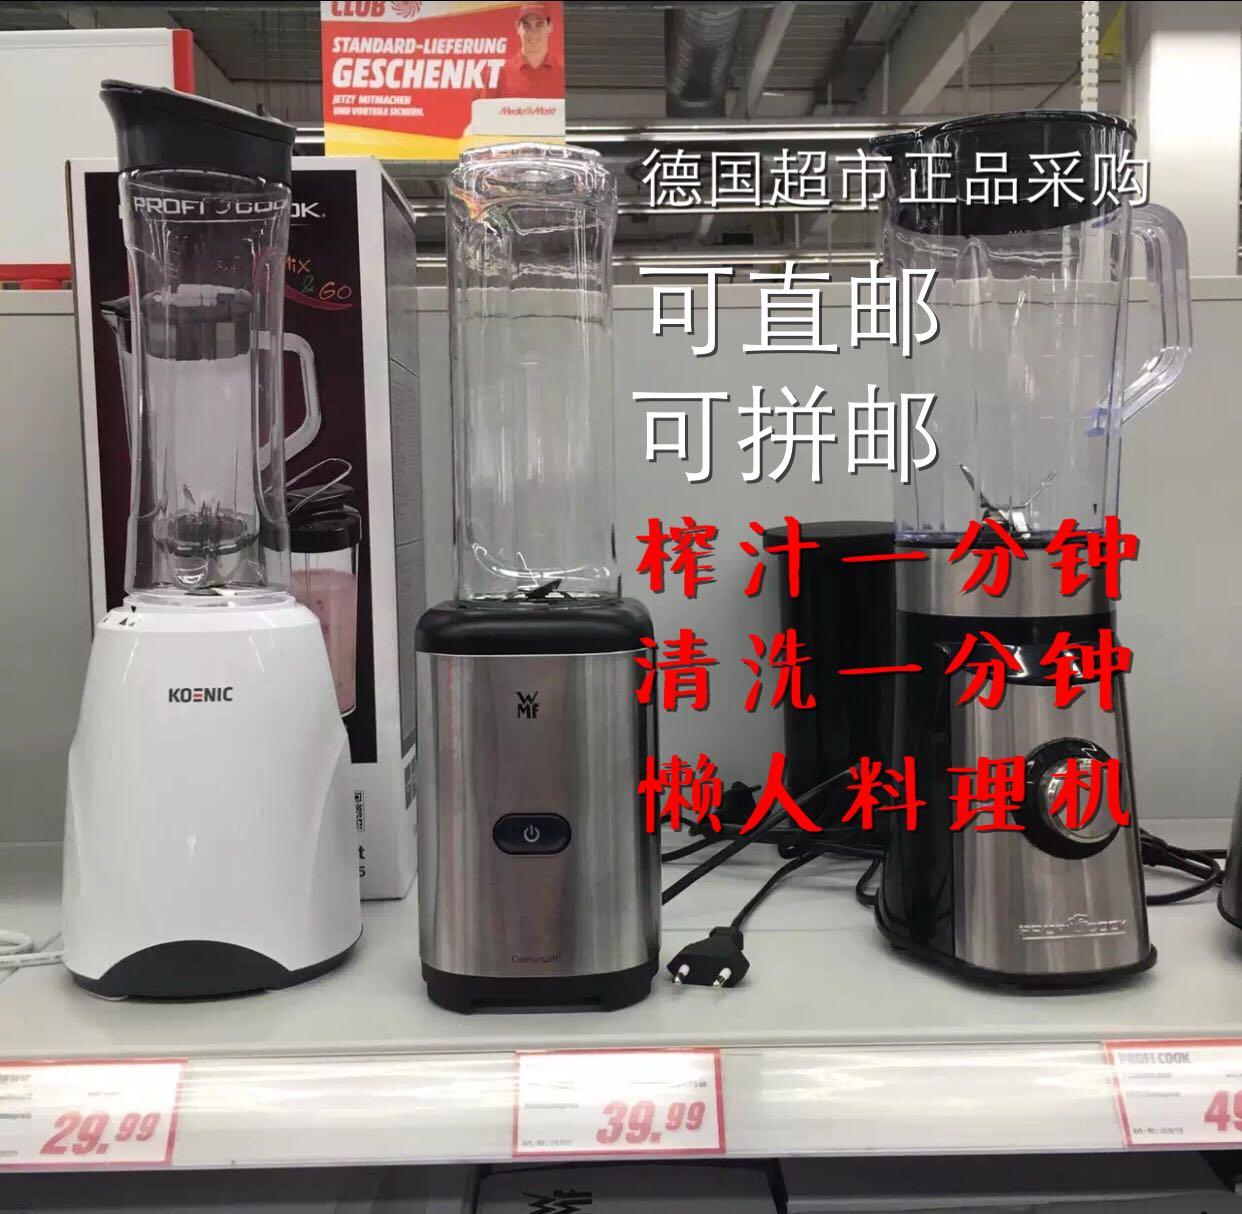 Имеется в наличии в китае WMF благословение витать сокровище младенец младенец вспомогательный еда материал причина машинально фруктовый сок машинально сломанный лед машинально пакет посылка налог